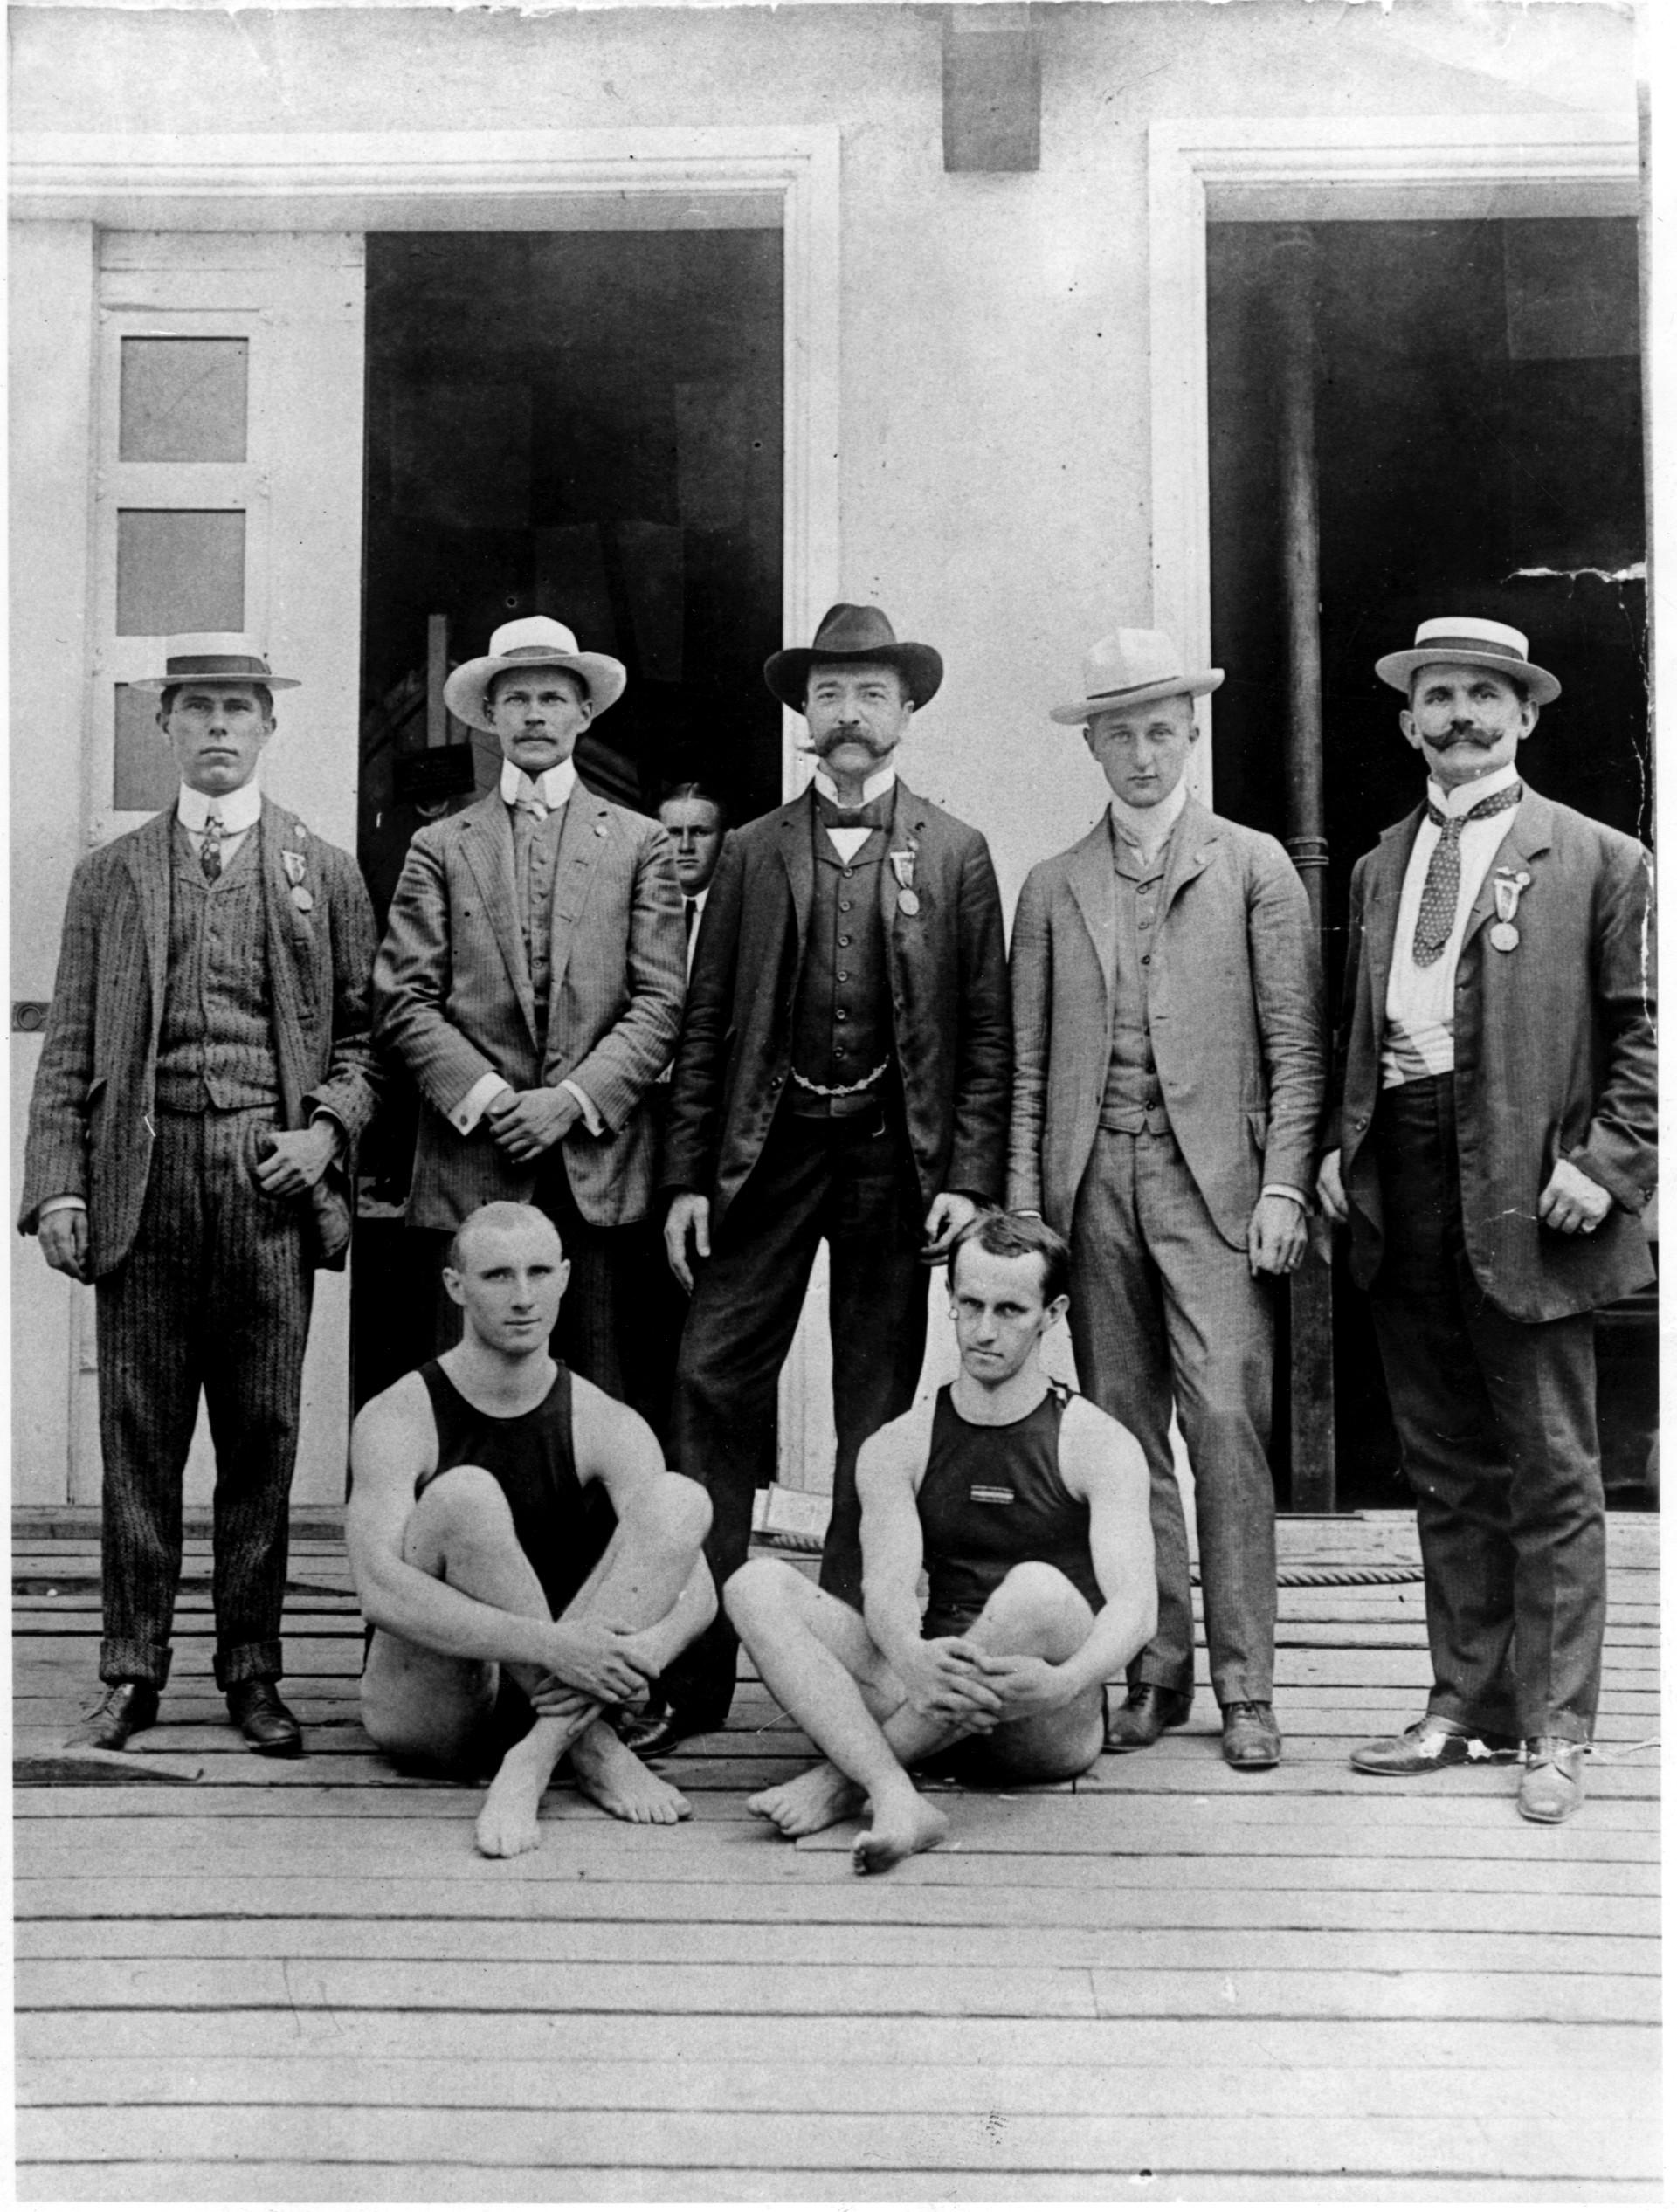 Az 1904-es St. Louis-i olimpia magyar résztvevői, az álló sorban balról a második Gönczy